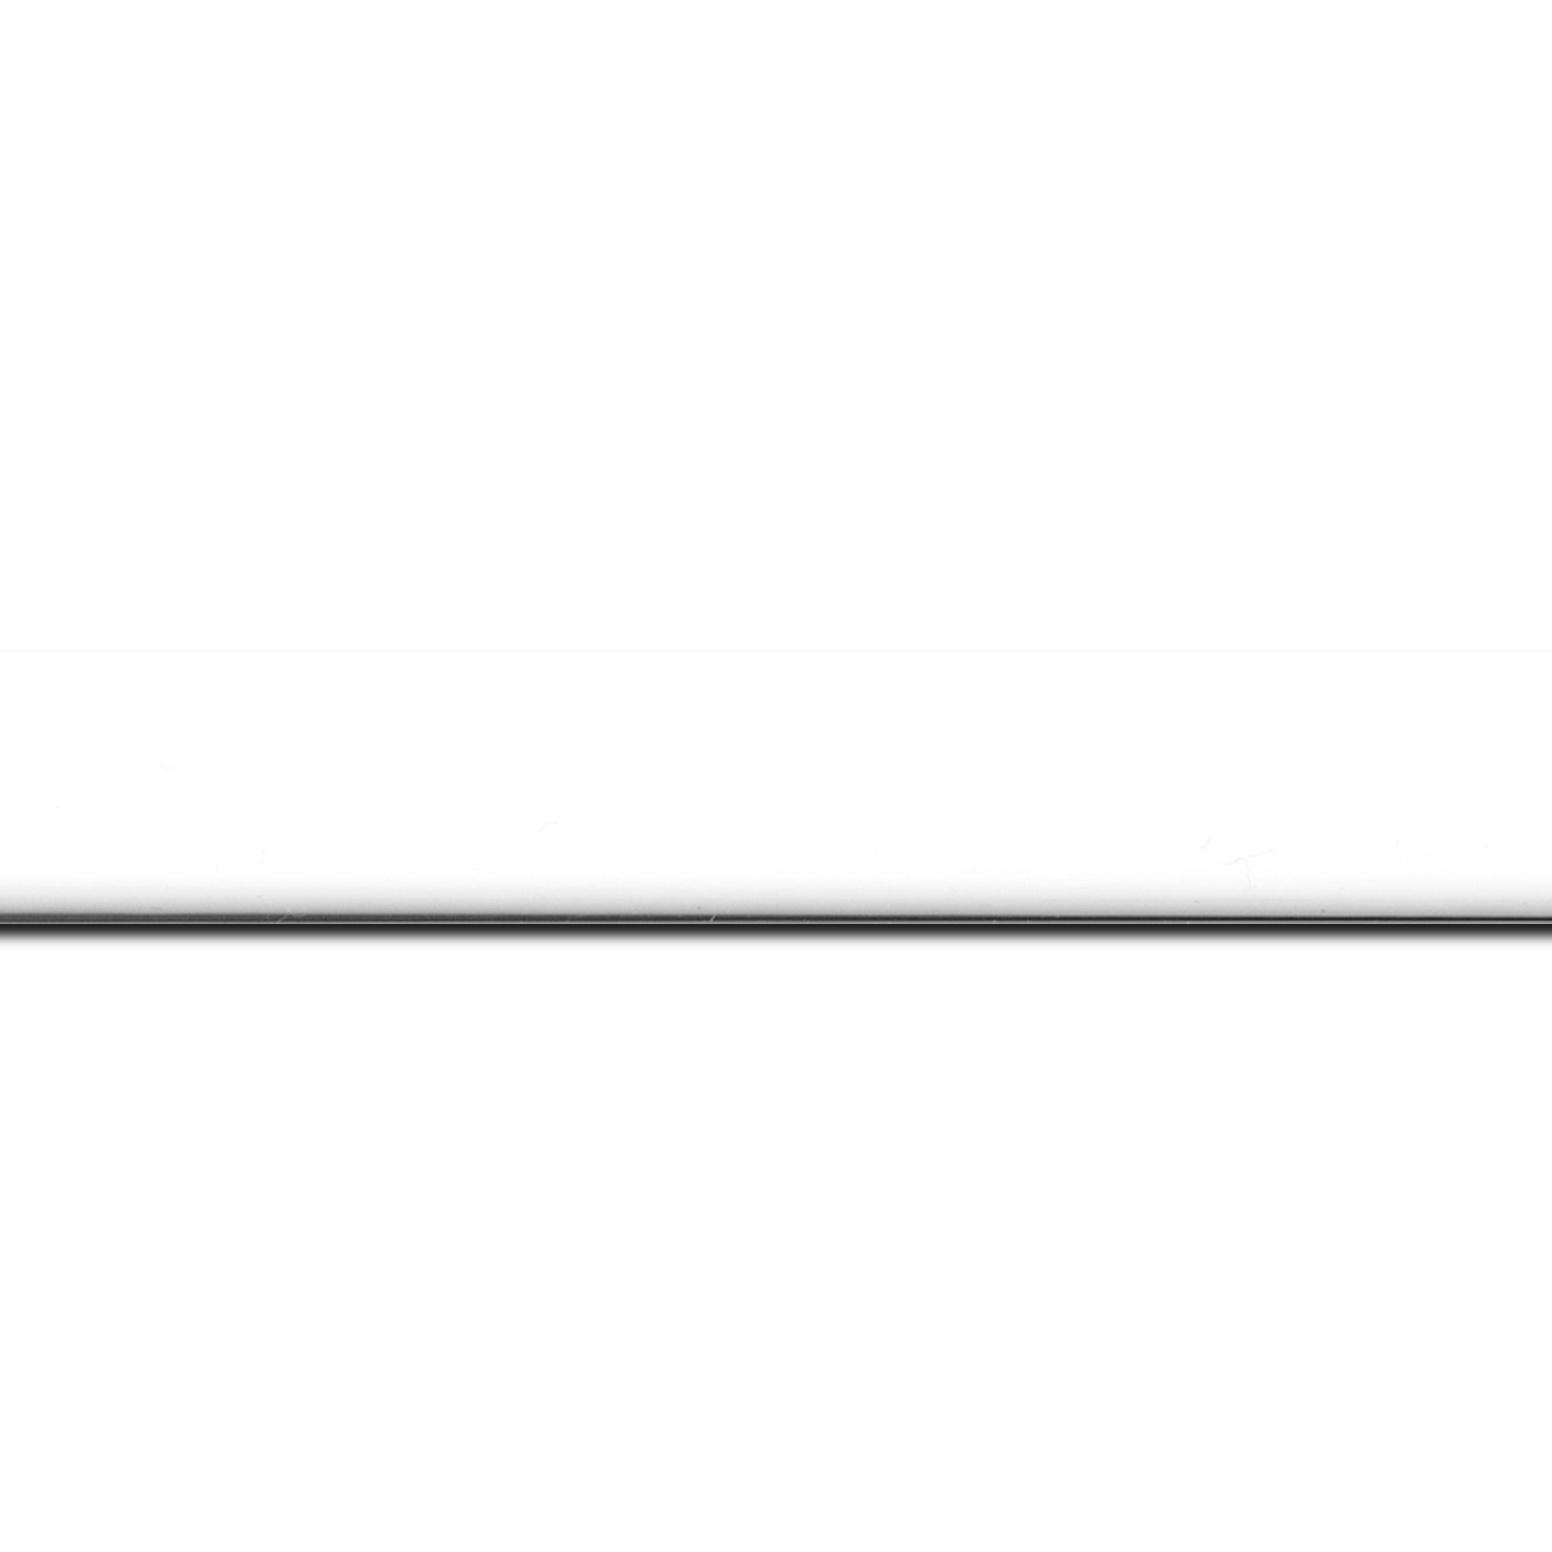 Pack par 12m, bois profil méplat largeur 2.3cm couleur blanc laqué (longueur baguette pouvant varier entre 2.40m et 3m selon arrivage des bois)